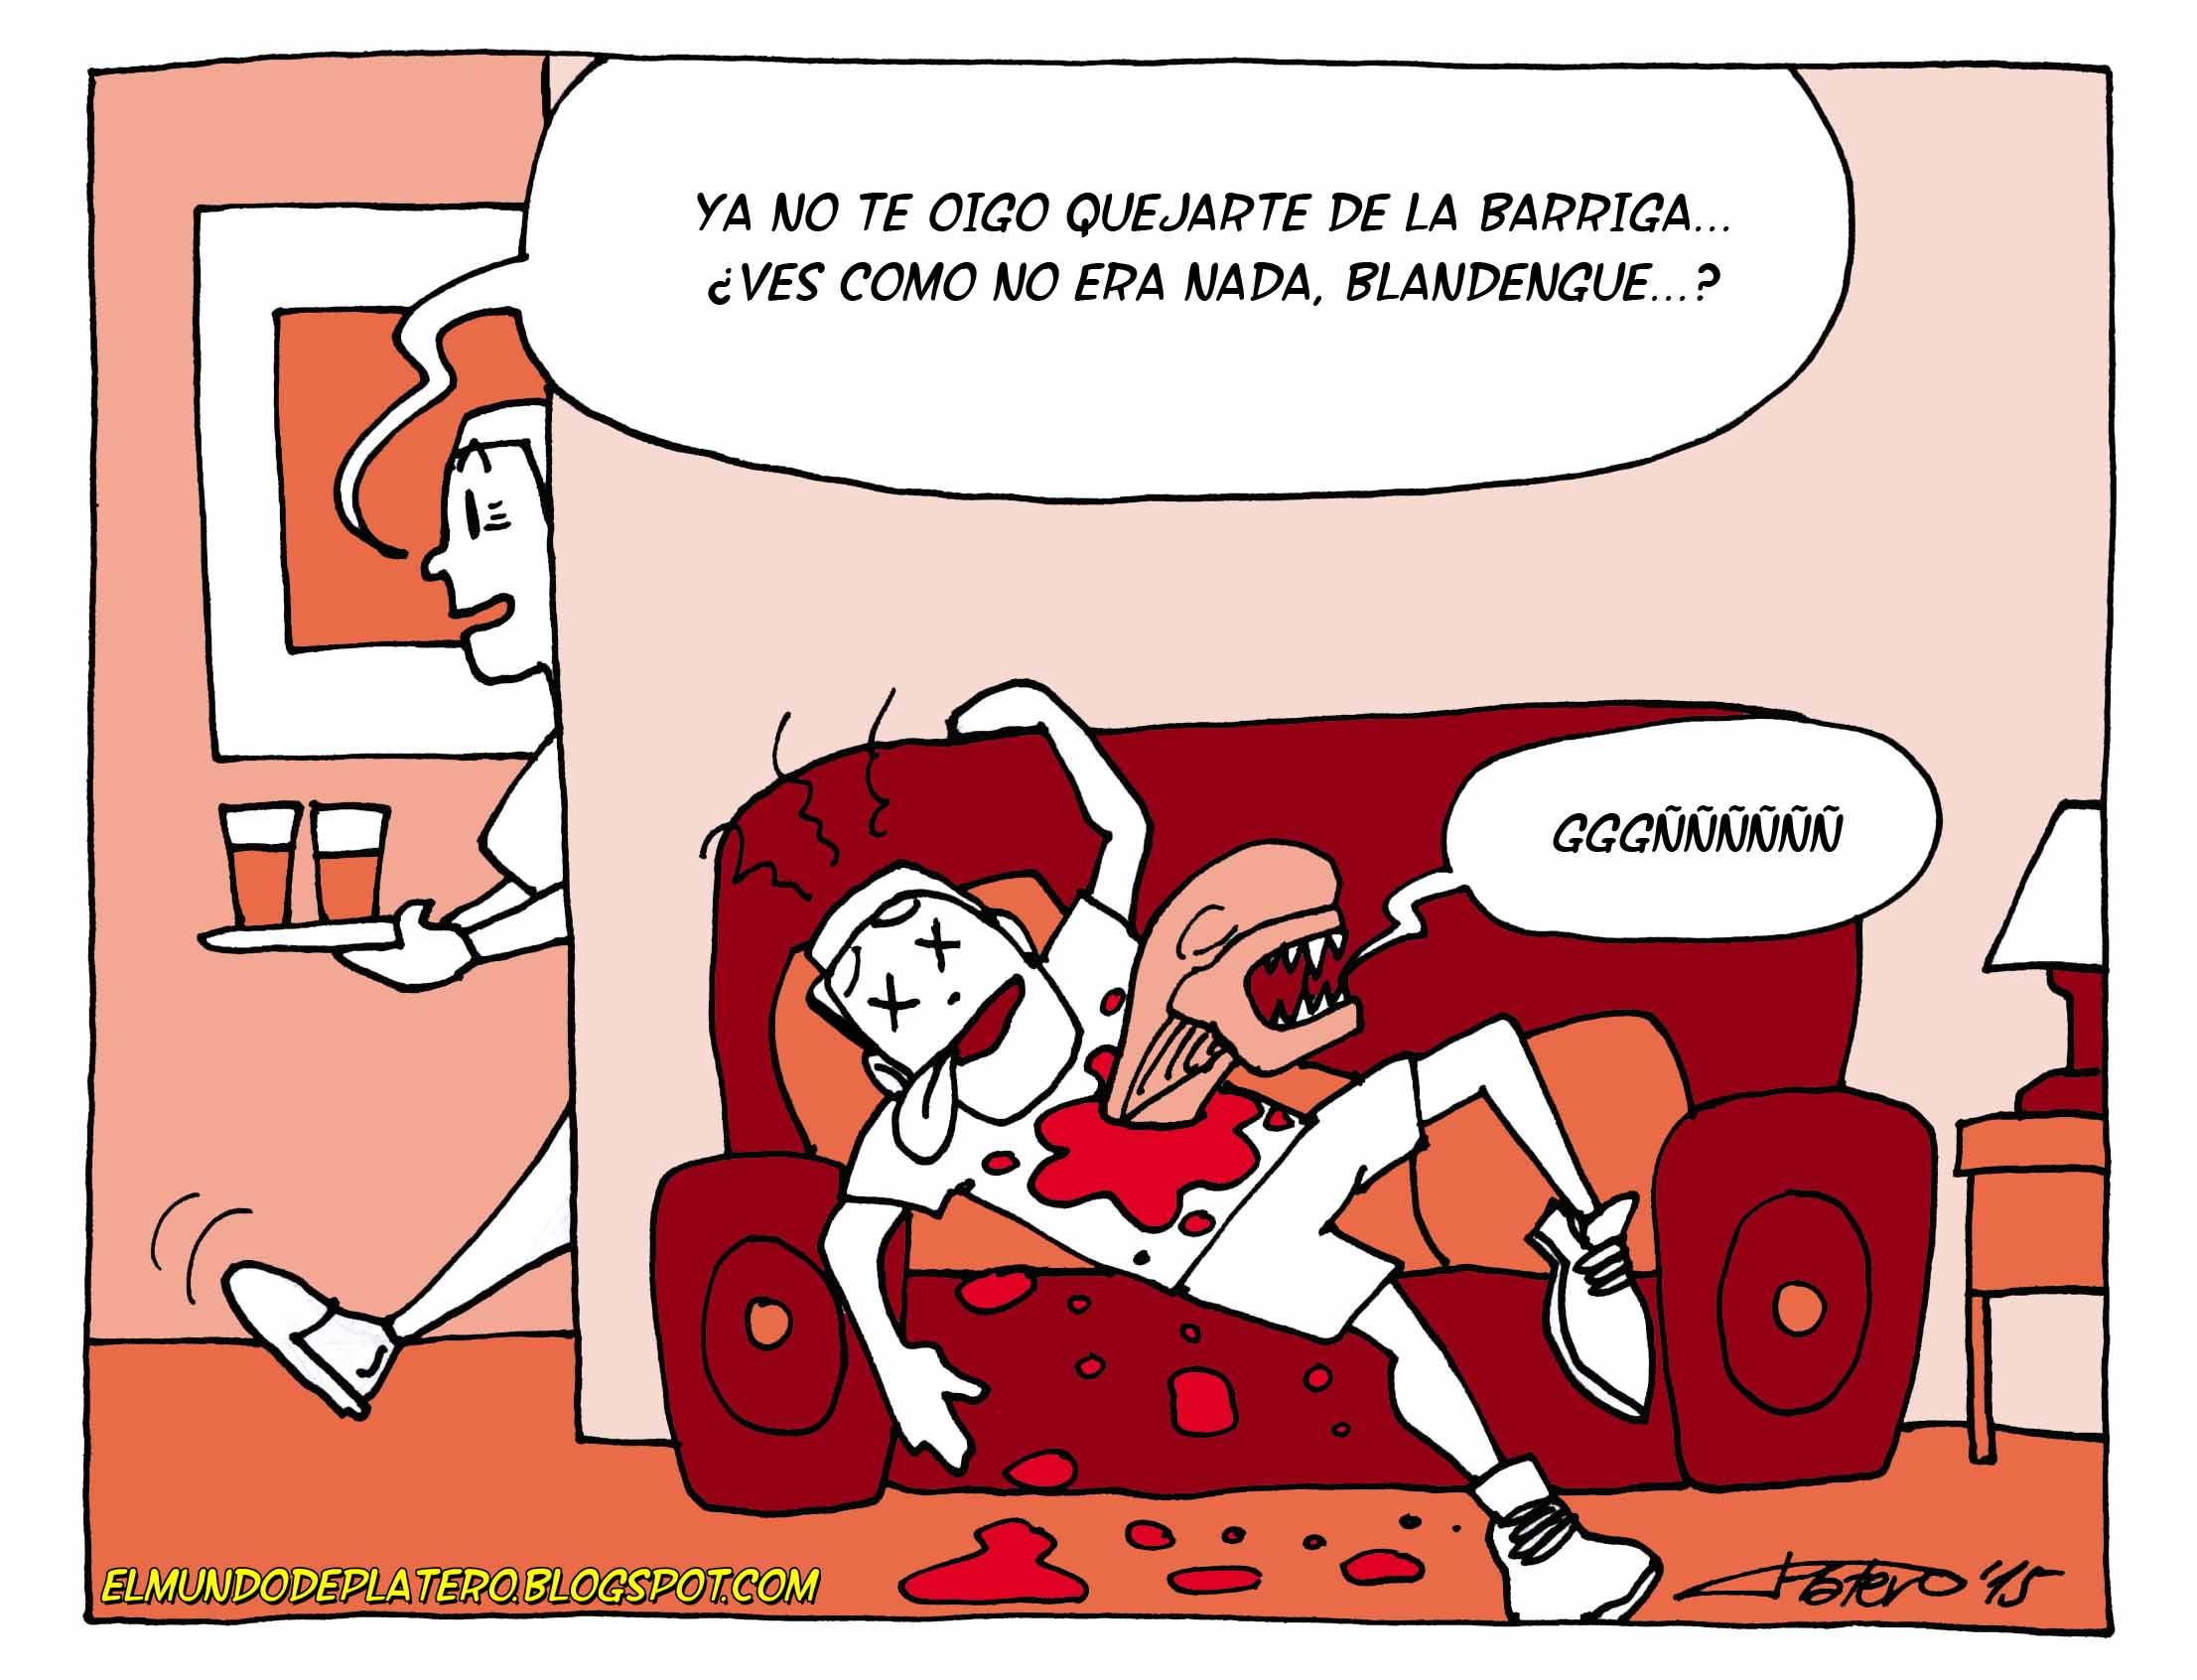 Alien_cómic_josé_luis_platero_elmundodeplatero_viñetas_humor